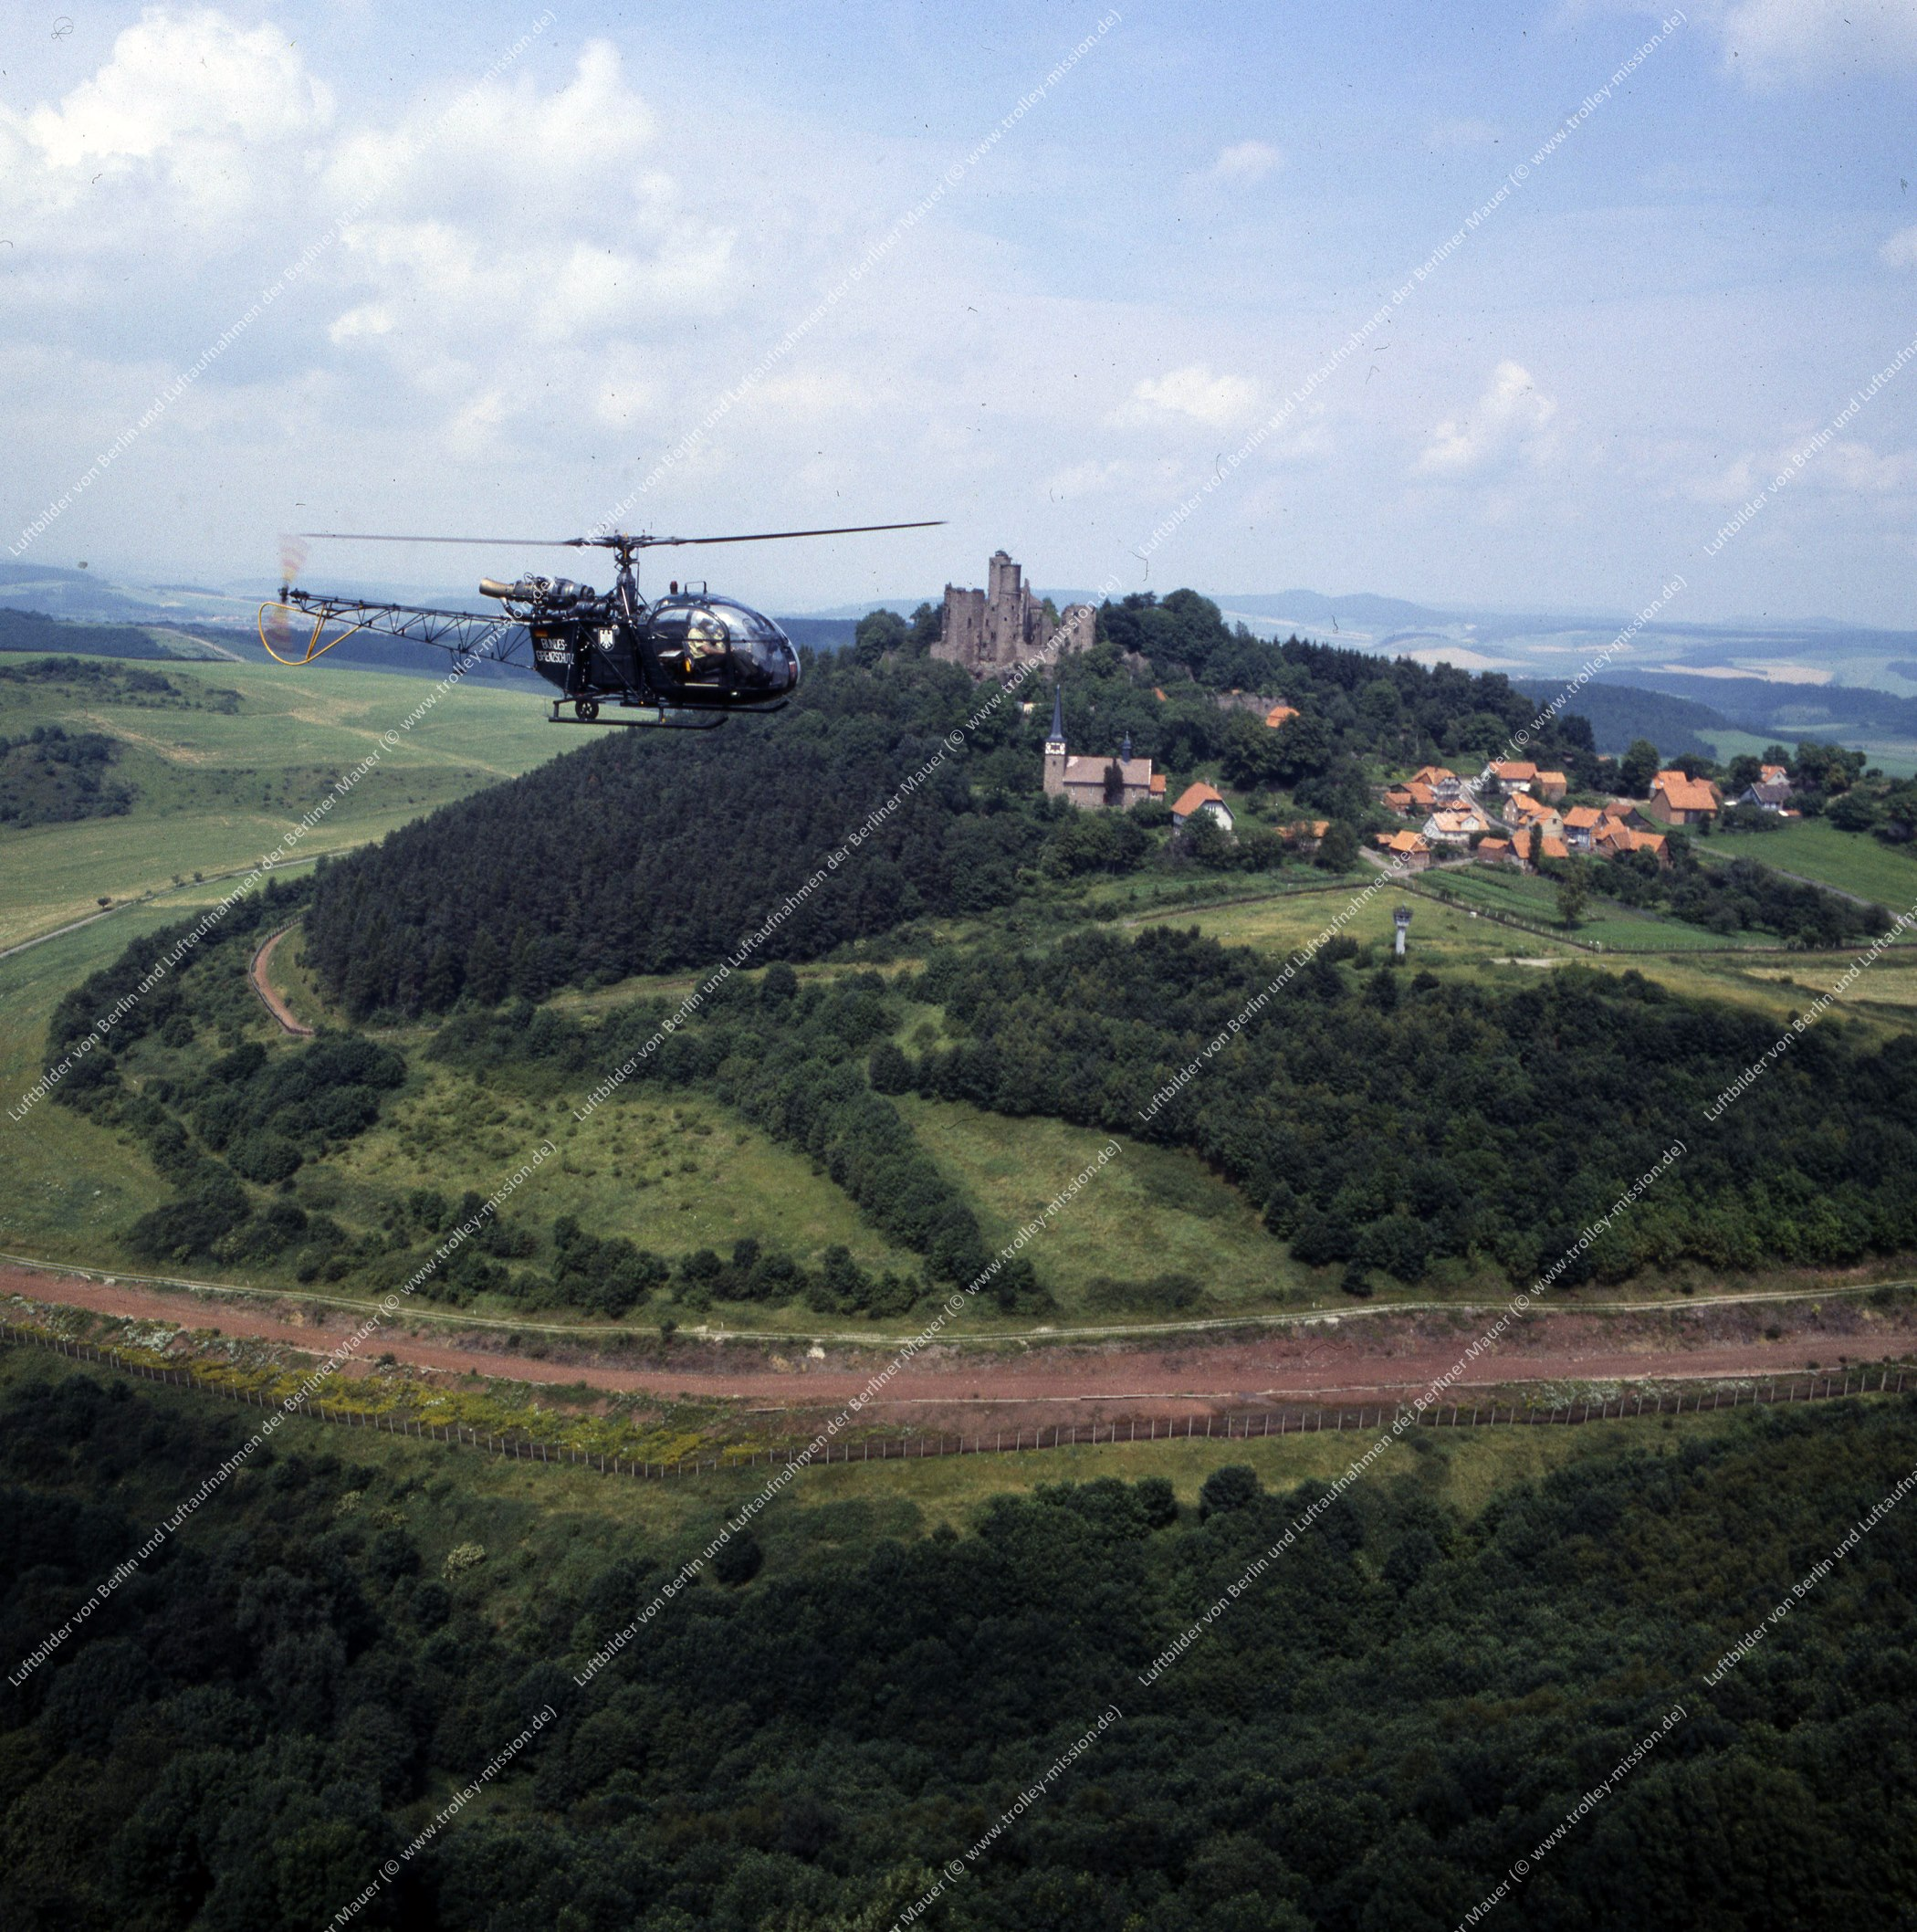 Vermutlich innerdeutsche Grenze (BRD/DDR) Hubschrauber und Bundesgrenzschutz (Bild 123)